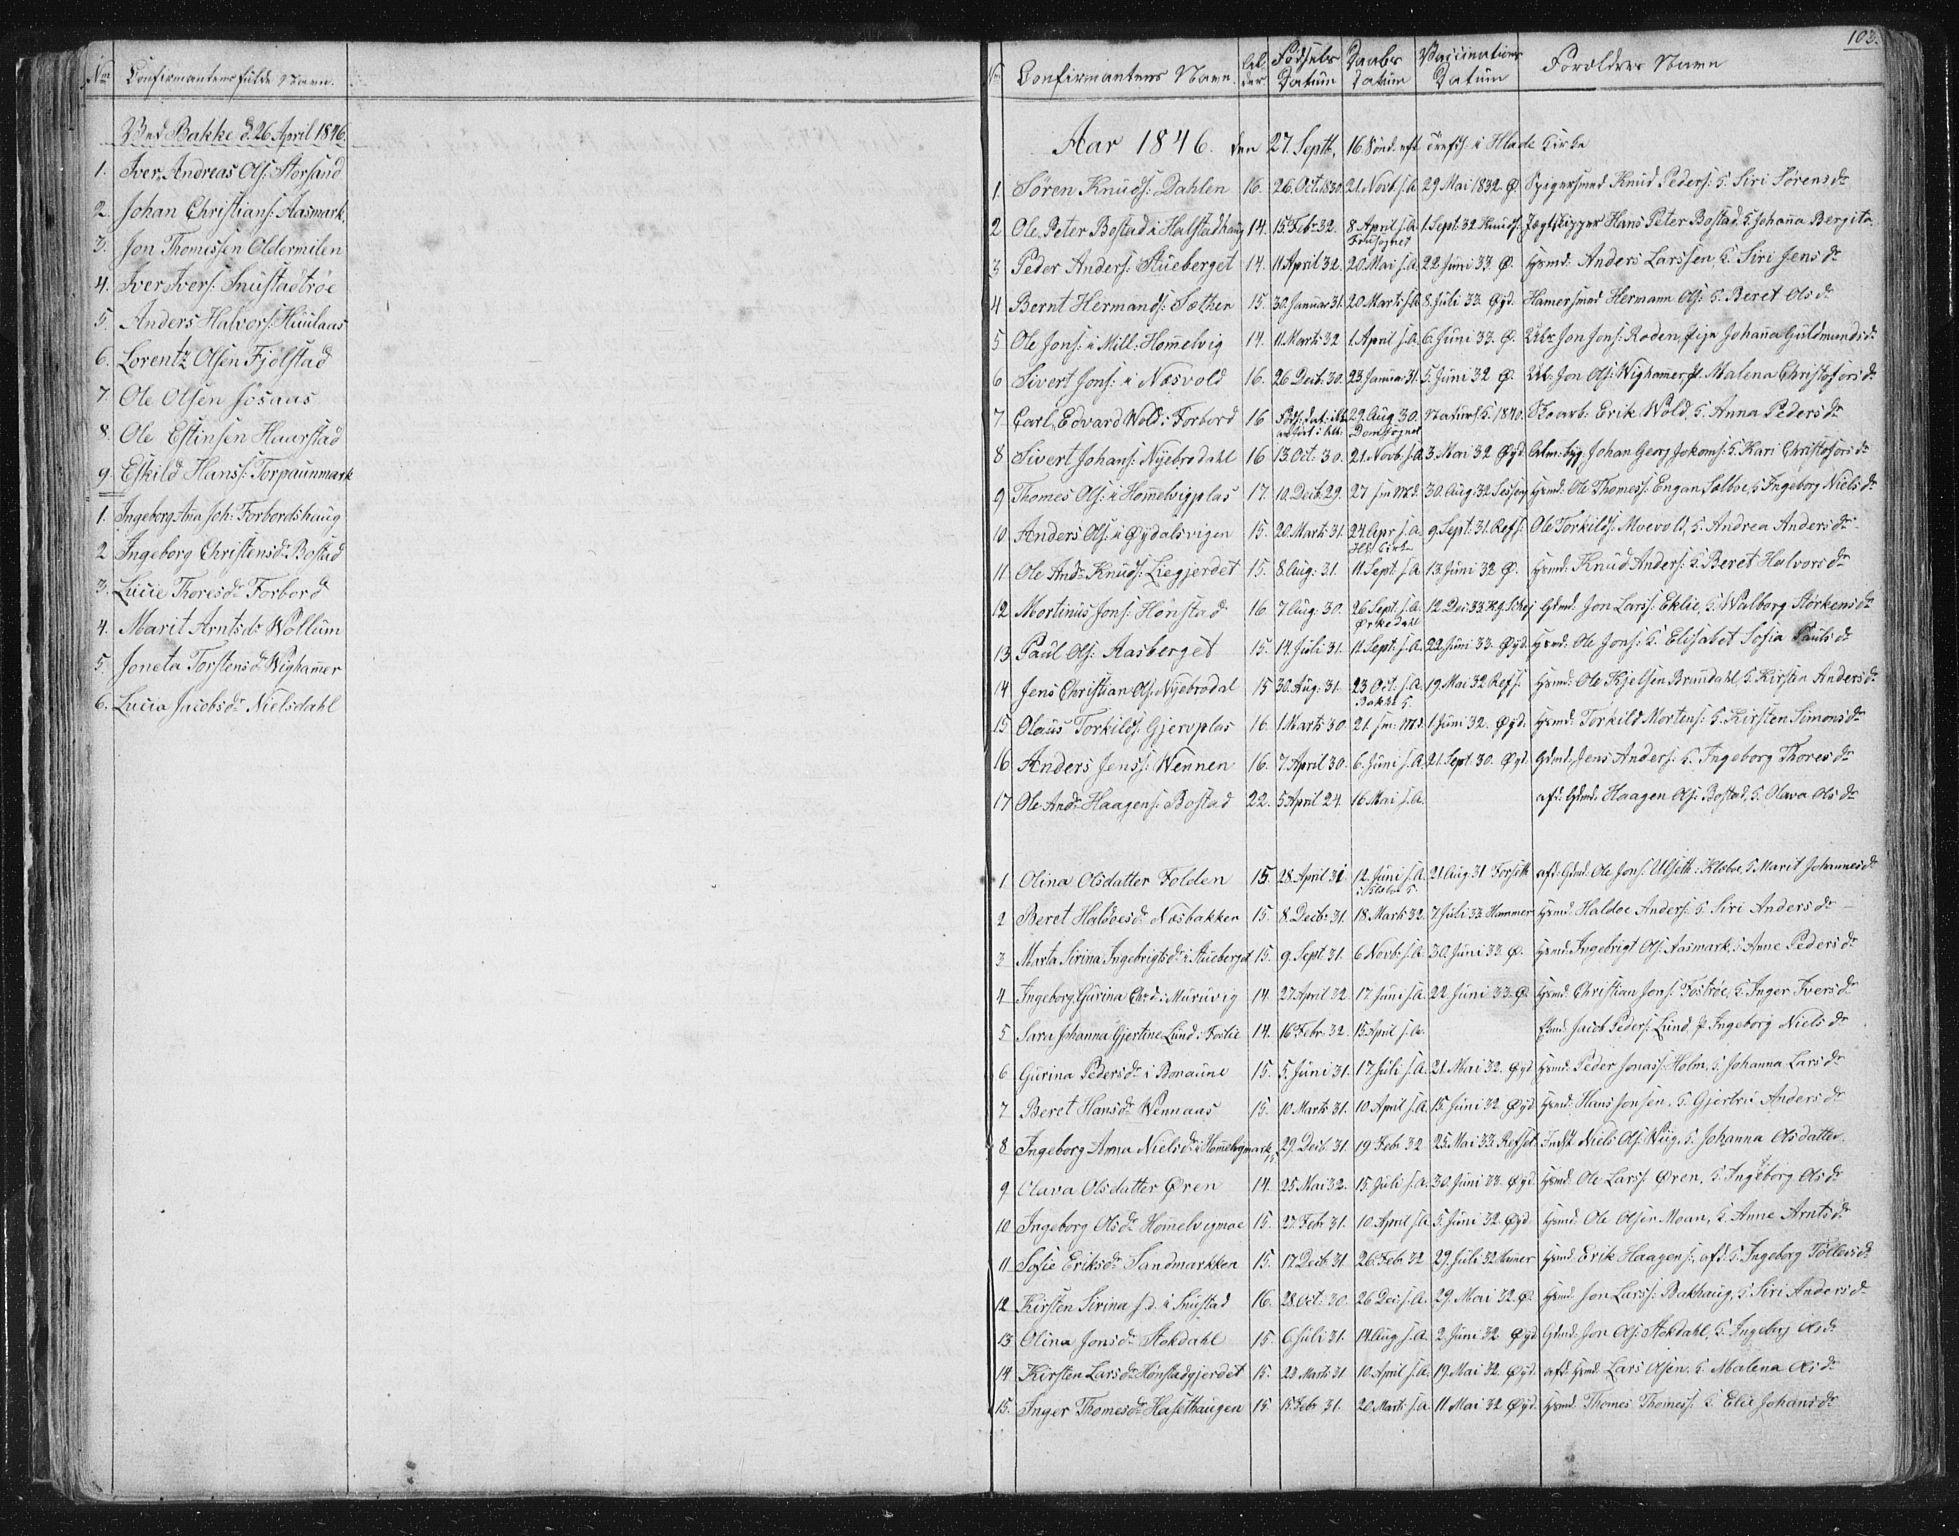 SAT, Ministerialprotokoller, klokkerbøker og fødselsregistre - Sør-Trøndelag, 616/L0406: Ministerialbok nr. 616A03, 1843-1879, s. 103